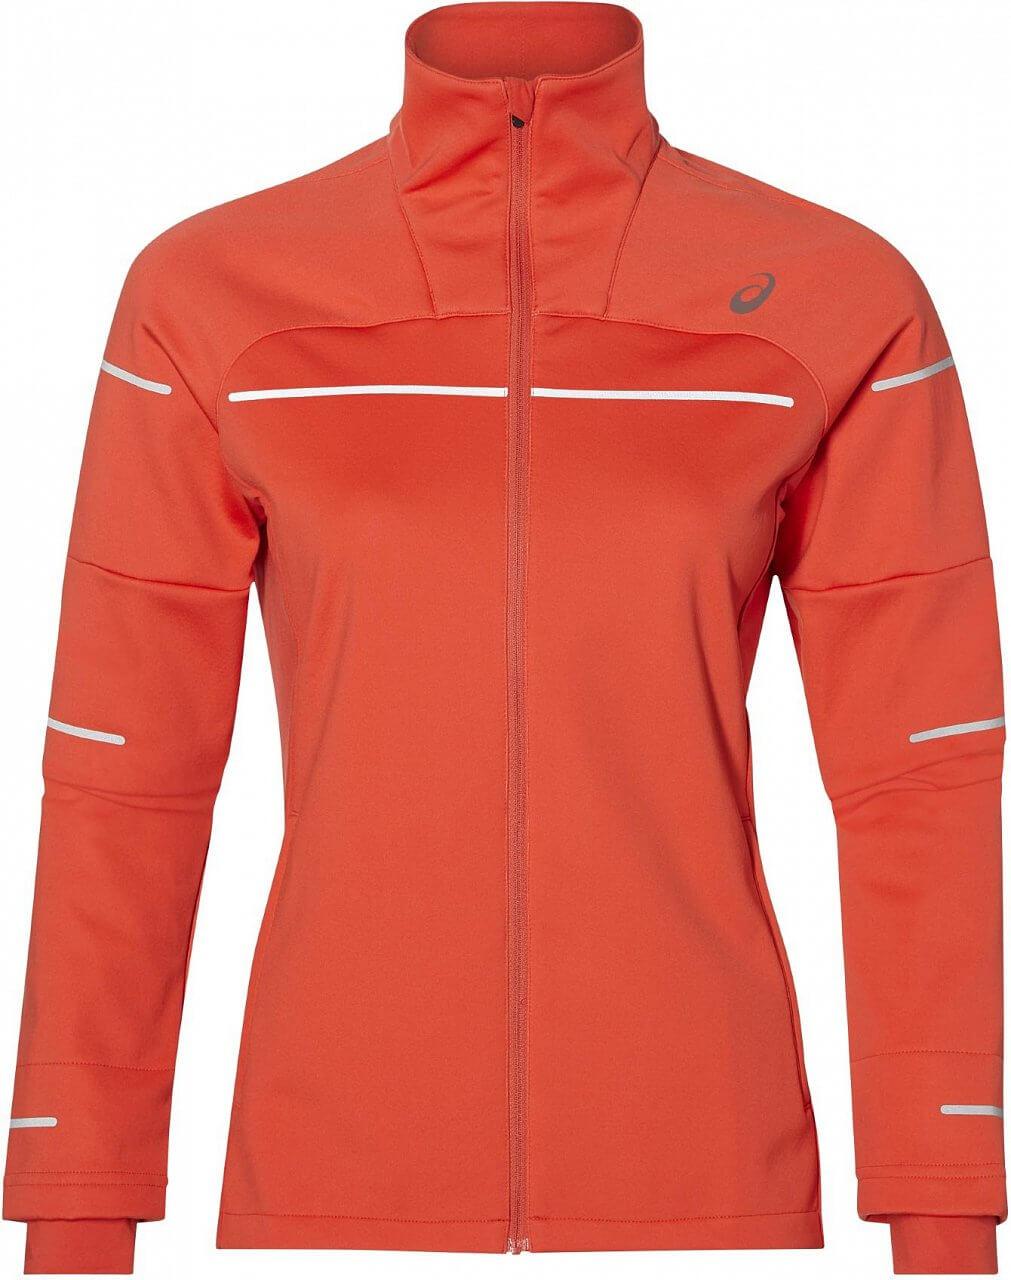 Asics Lite-Show Winter Jacket. Dámská běžecká bunda e2414d56d1